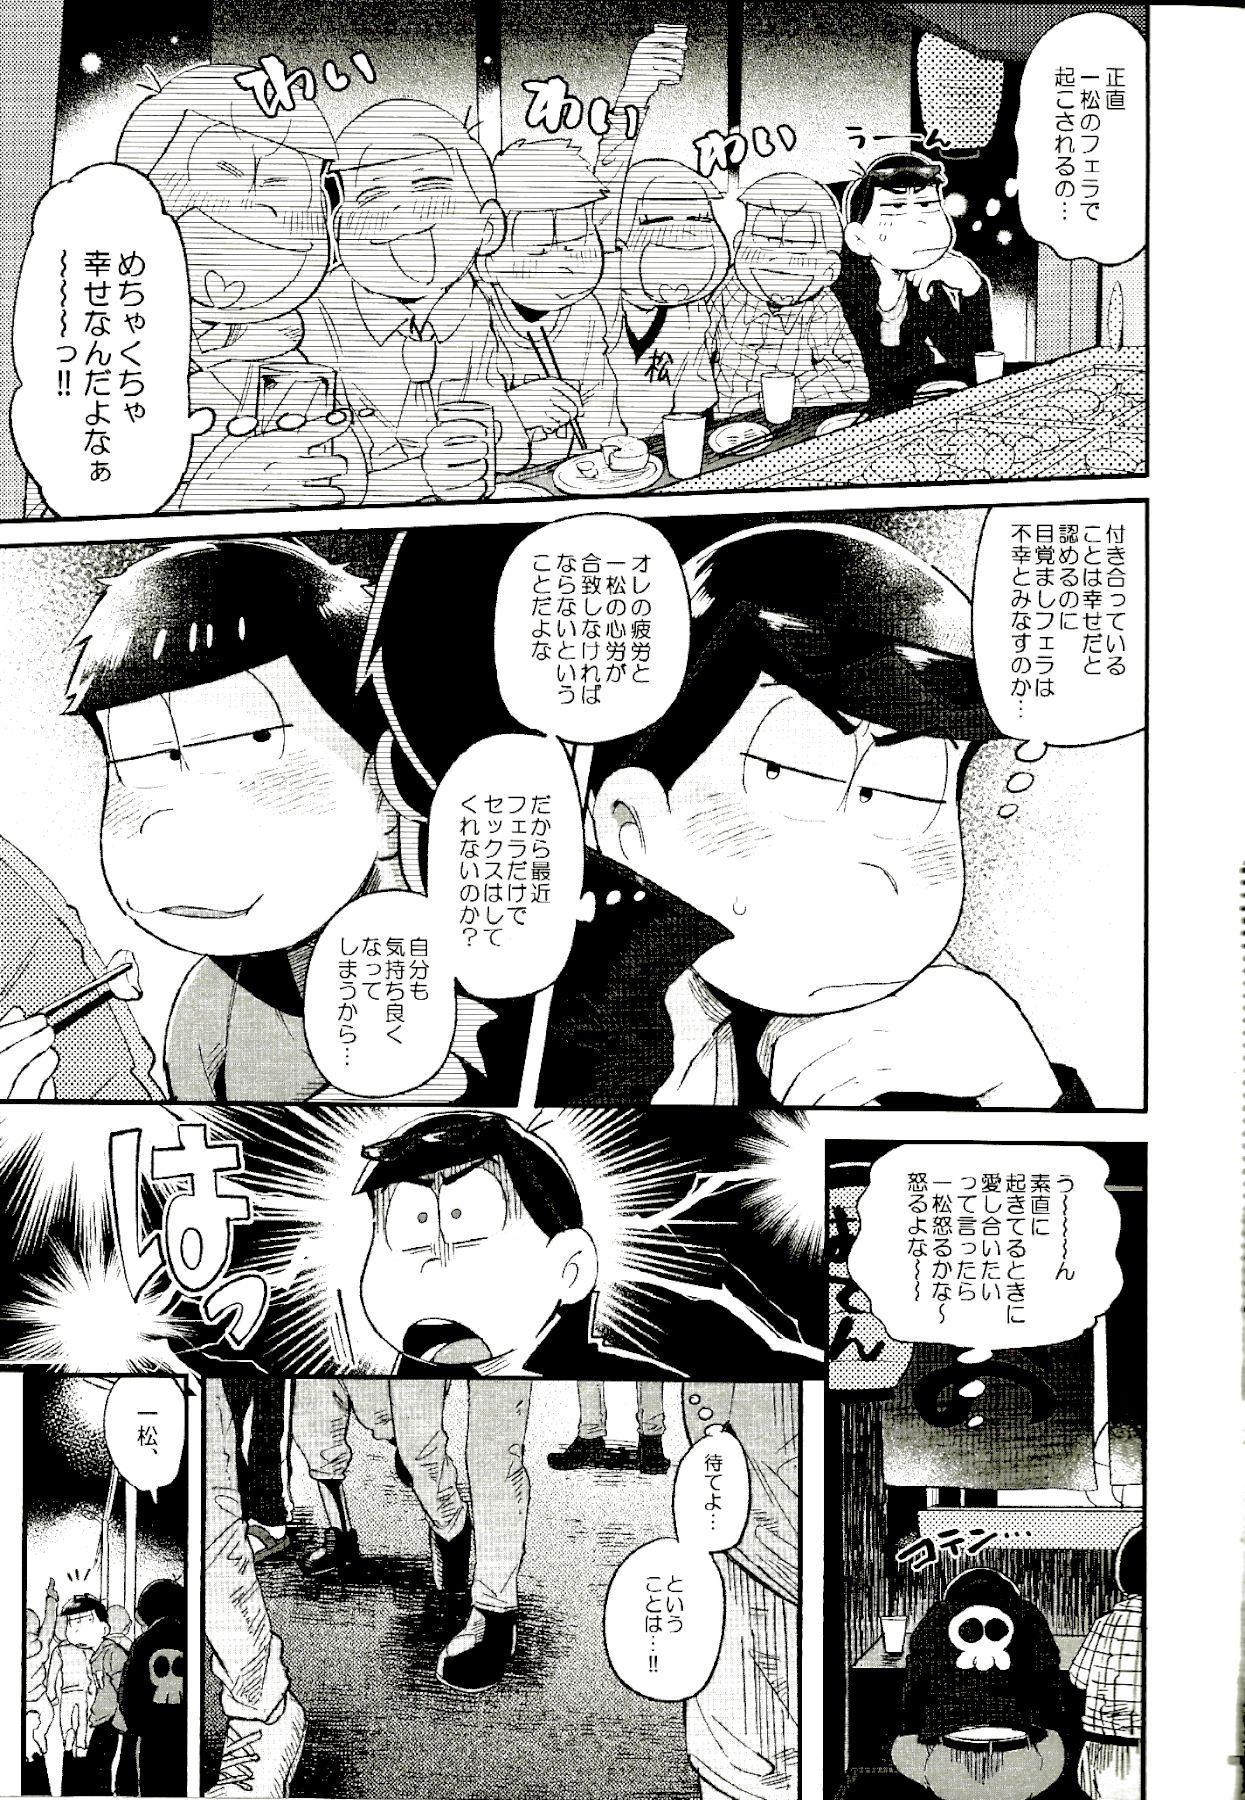 Kore ga Bokura no Imashime Riron 5